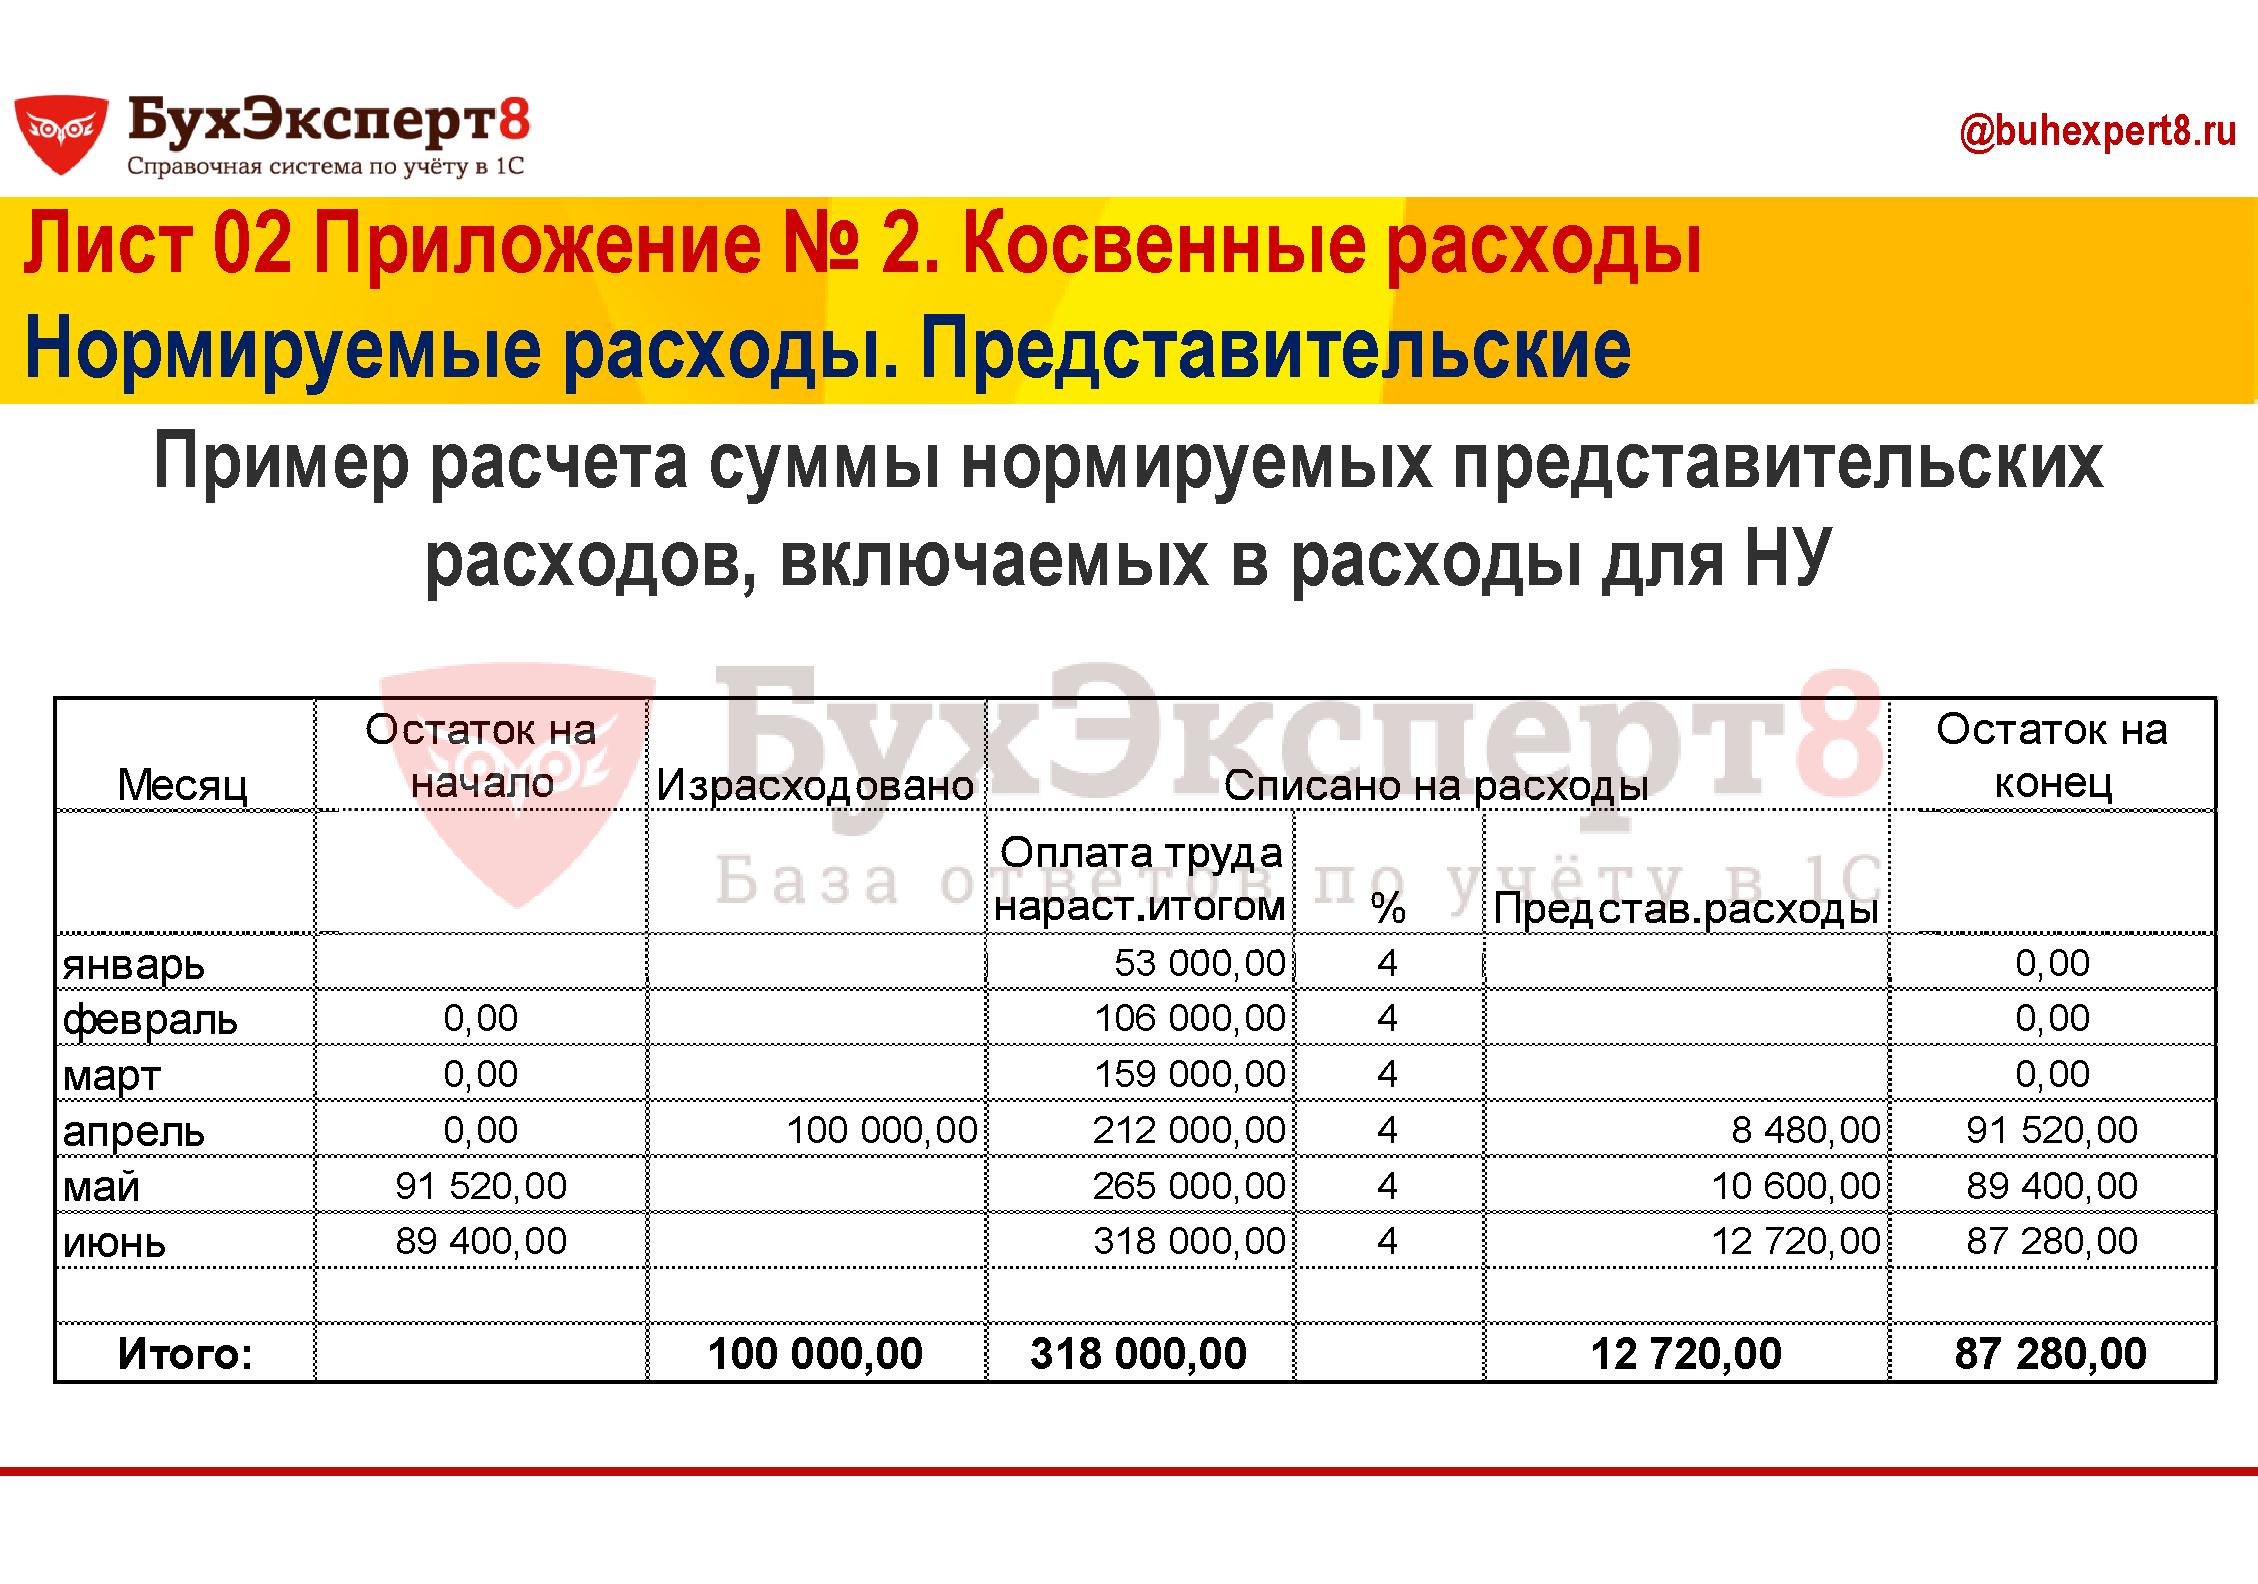 Пример расчета суммы нормируемых представительских расходов, включаемых в расходы для НУ